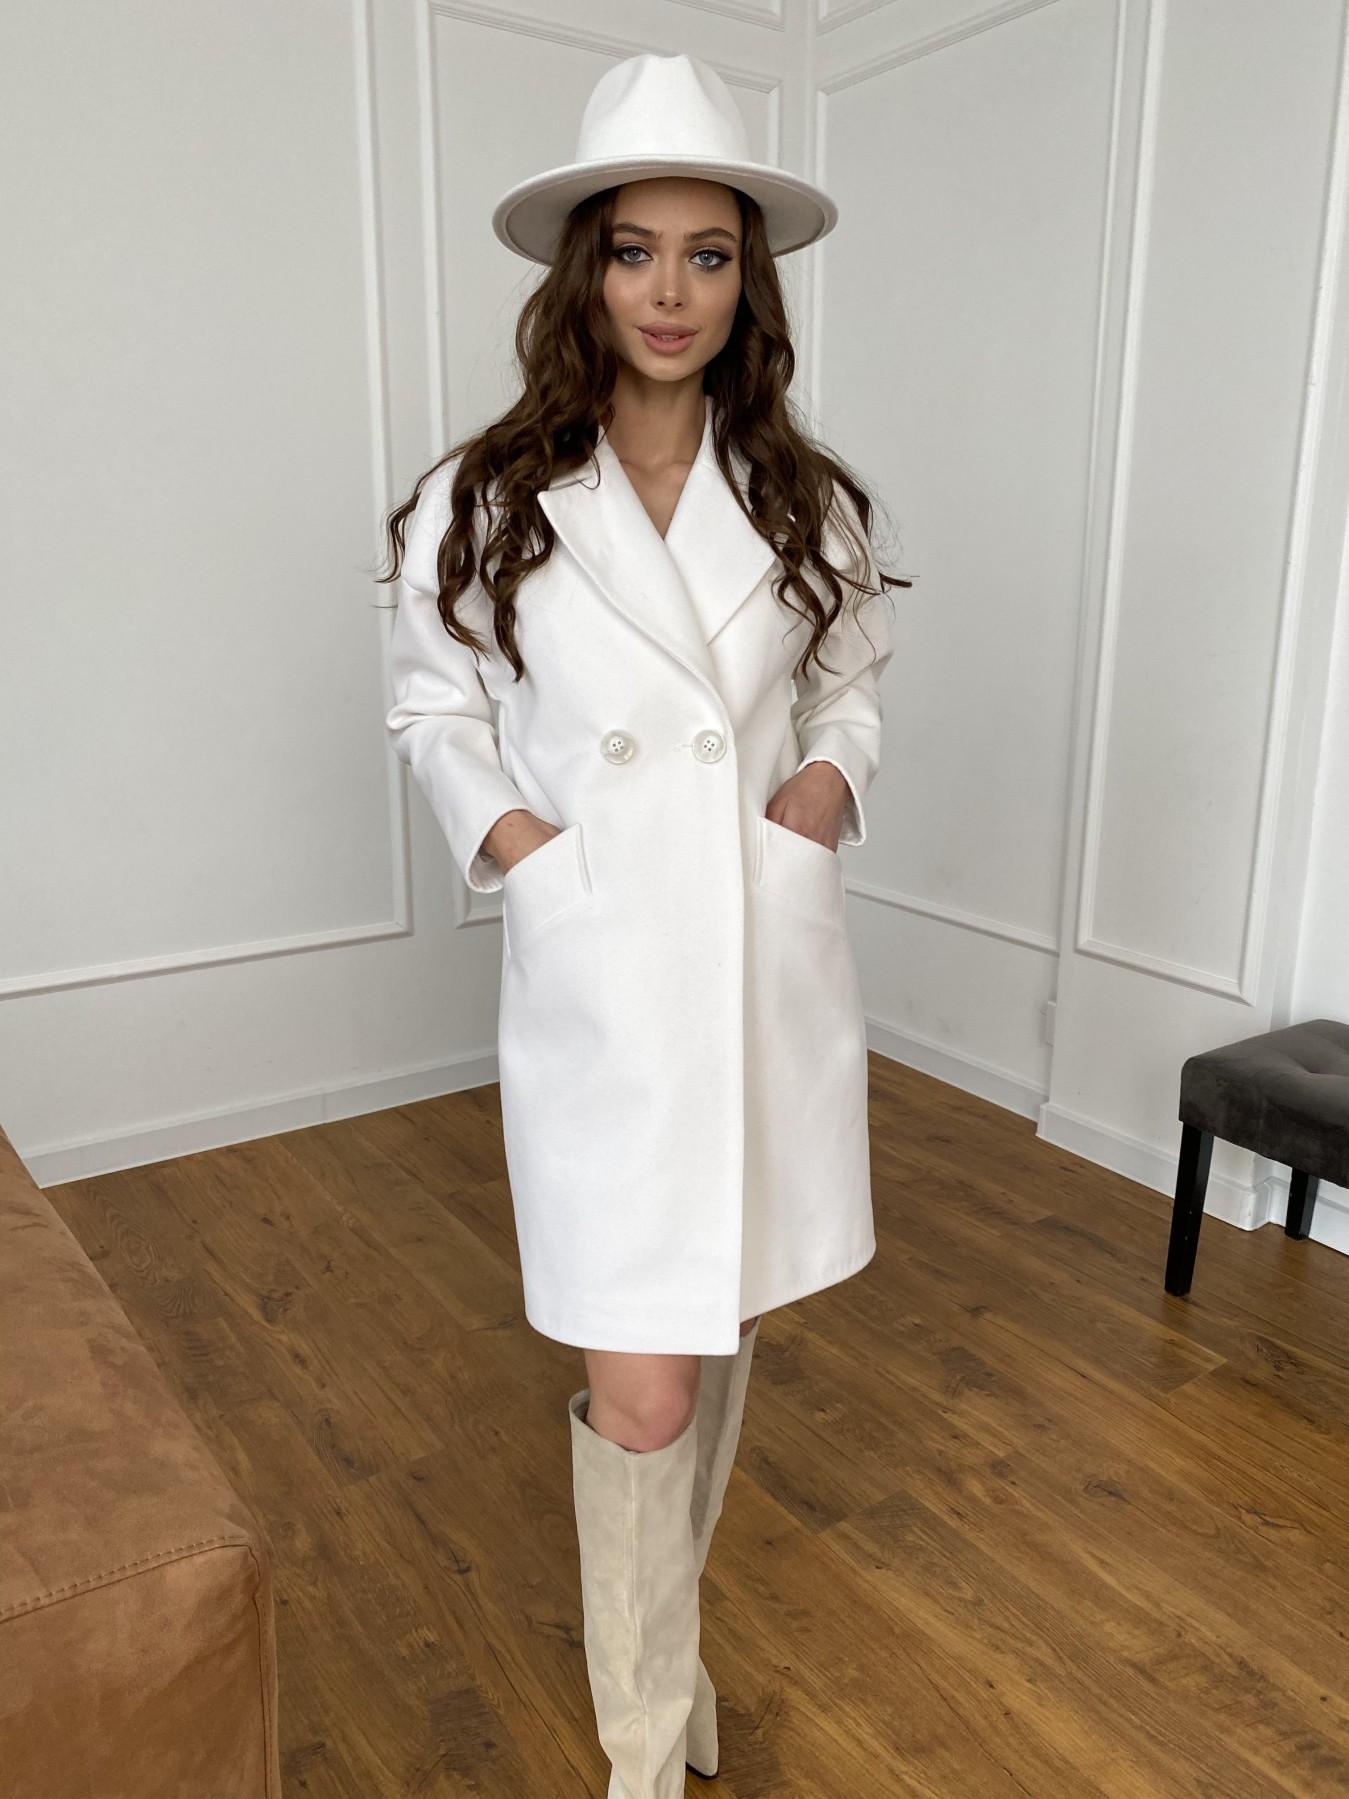 Сенсей пальто  из гладкого кашемира 10774 АРТ. 47501 Цвет: Молоко 1 - фото 1, интернет магазин tm-modus.ru